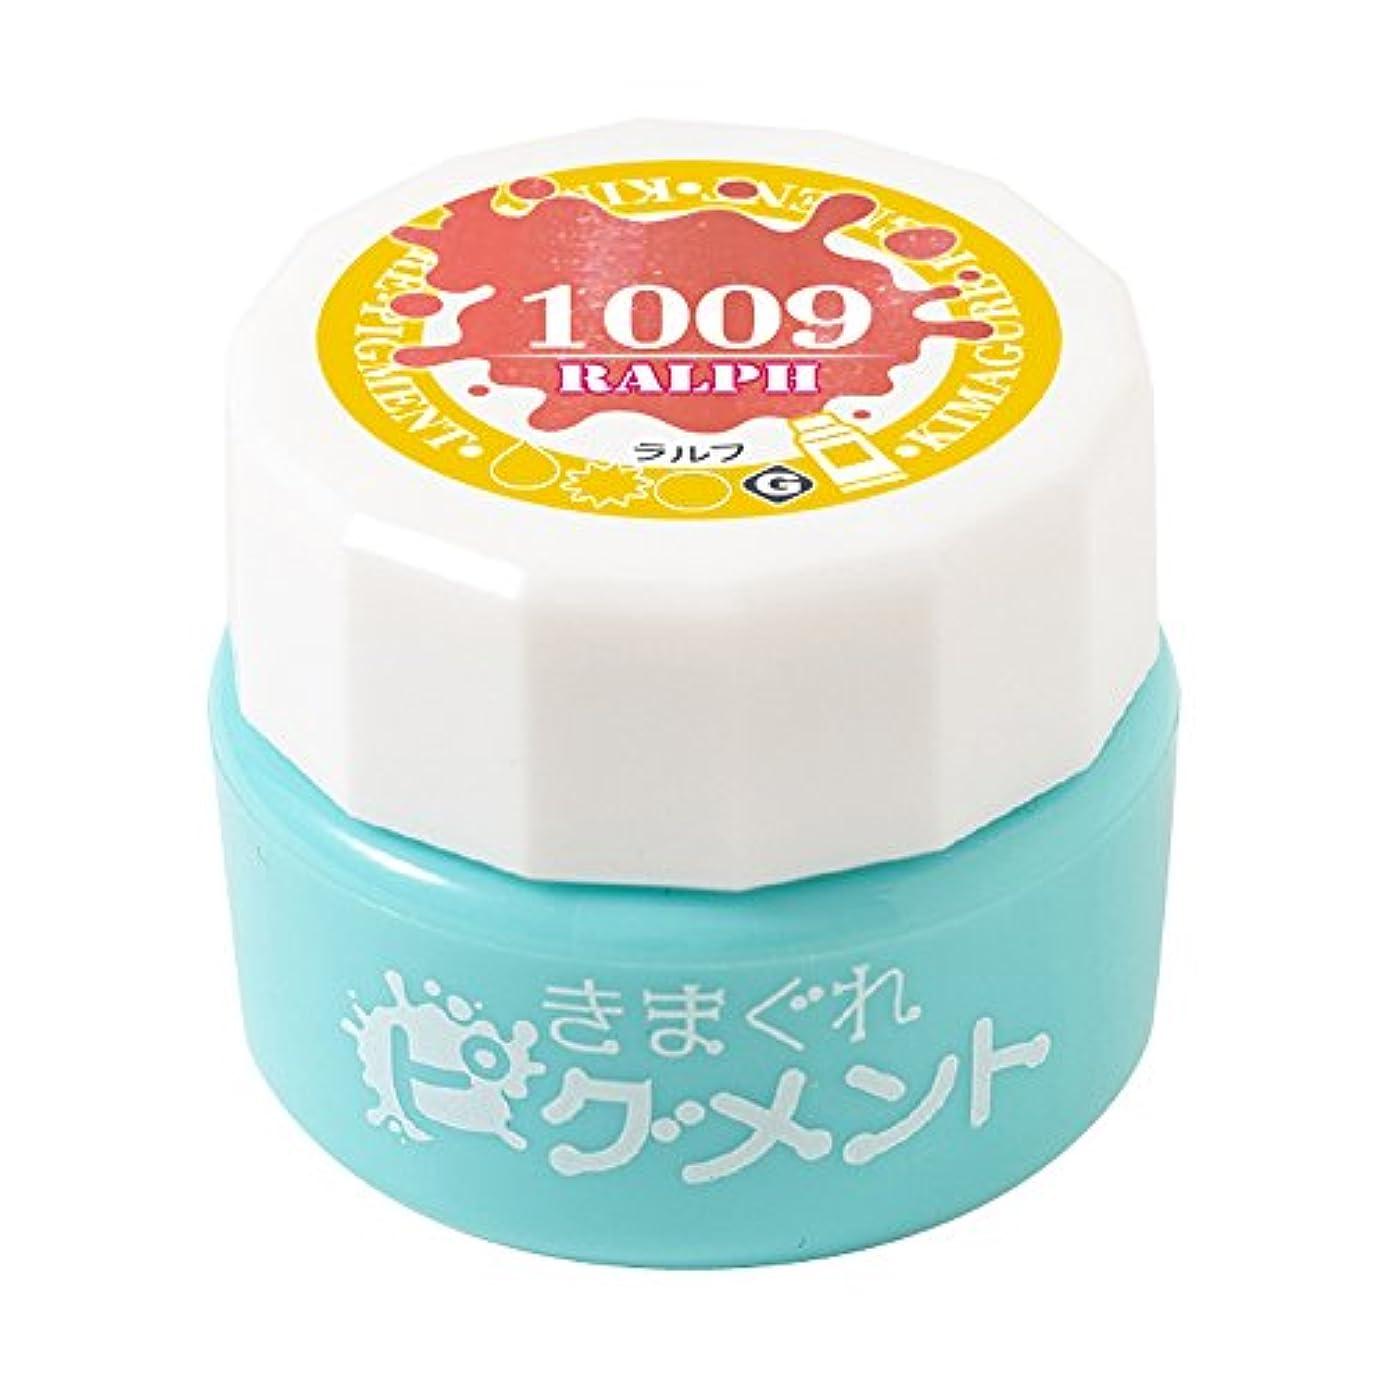 記述する窒素乳剤Bettygel きまぐれピグメント ラルフ QYJ-1009 4g UV/LED対応